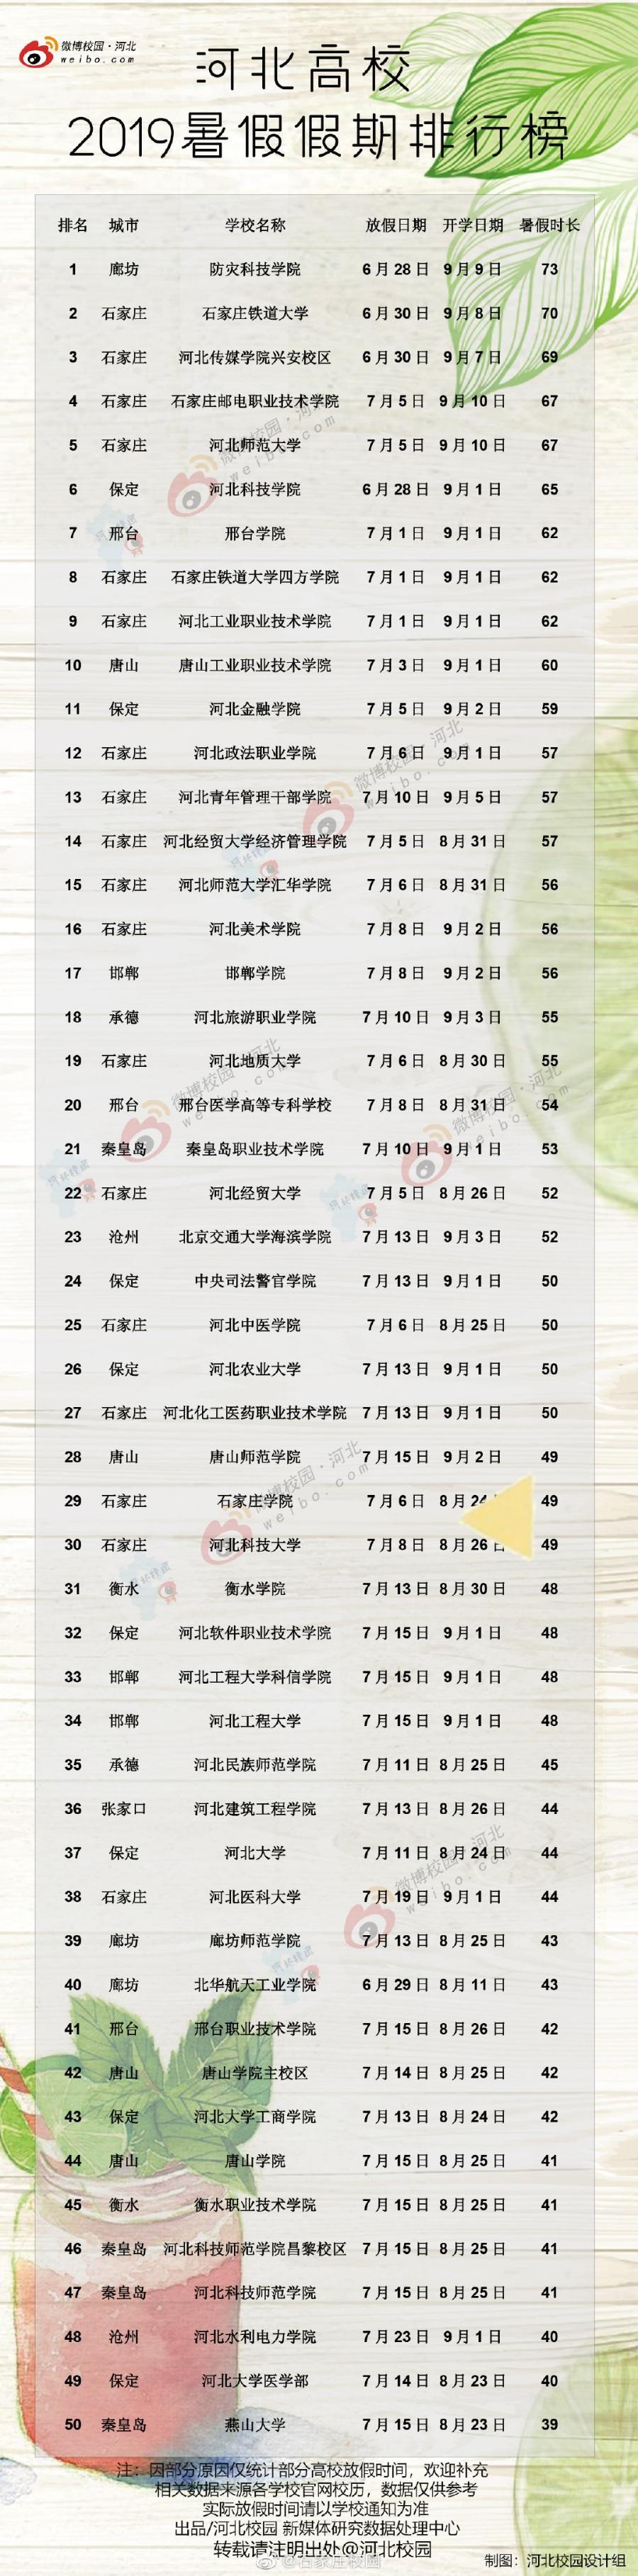 河北高校2019年暑假假期排行榜,防灾科技学院假期73天!